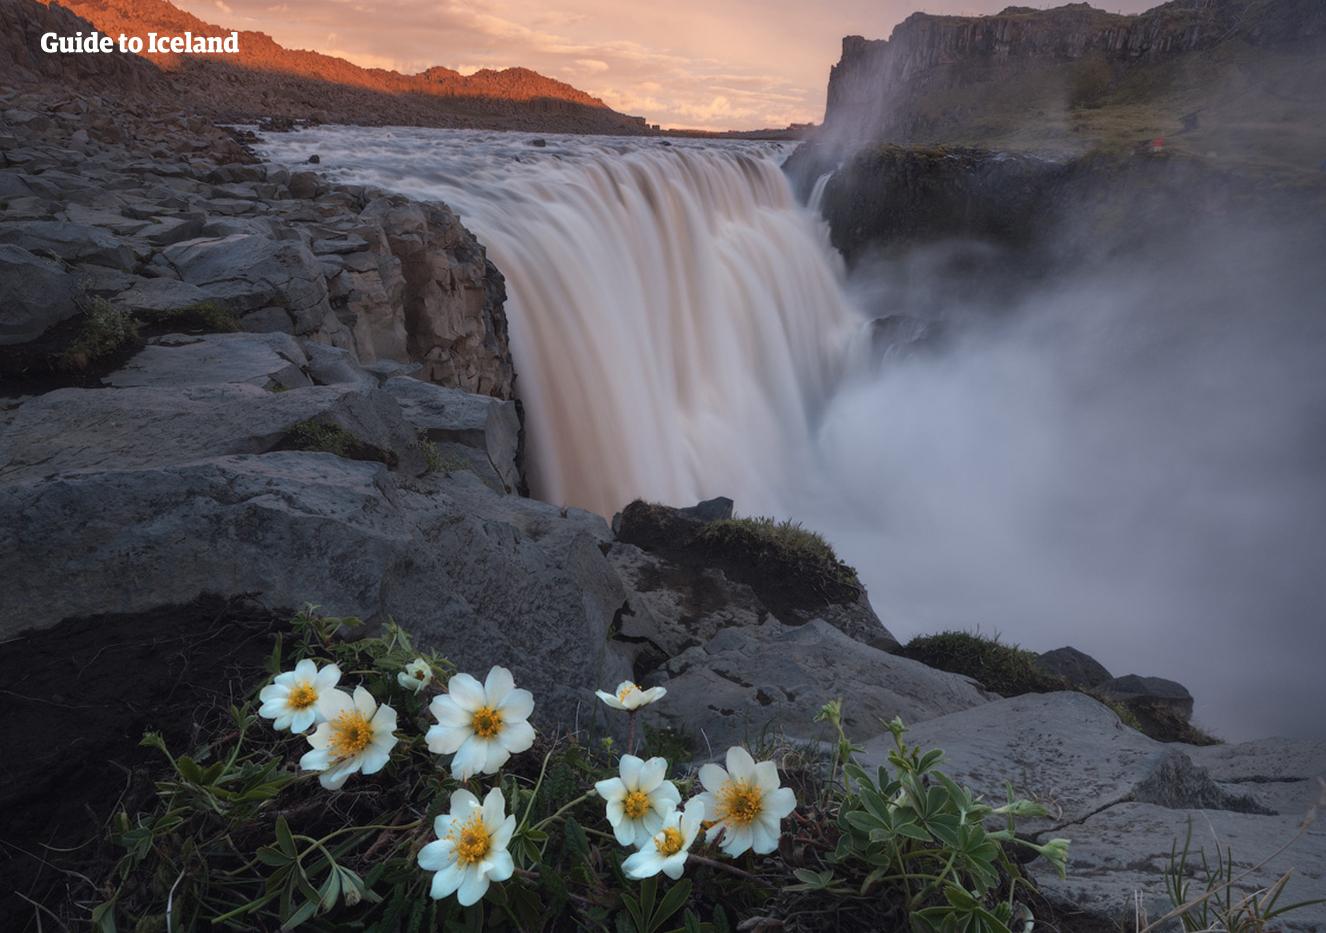 La increíble belleza y el asombroso poder de la Madre Naturaleza se unen y forman la cascada Dettifoss.